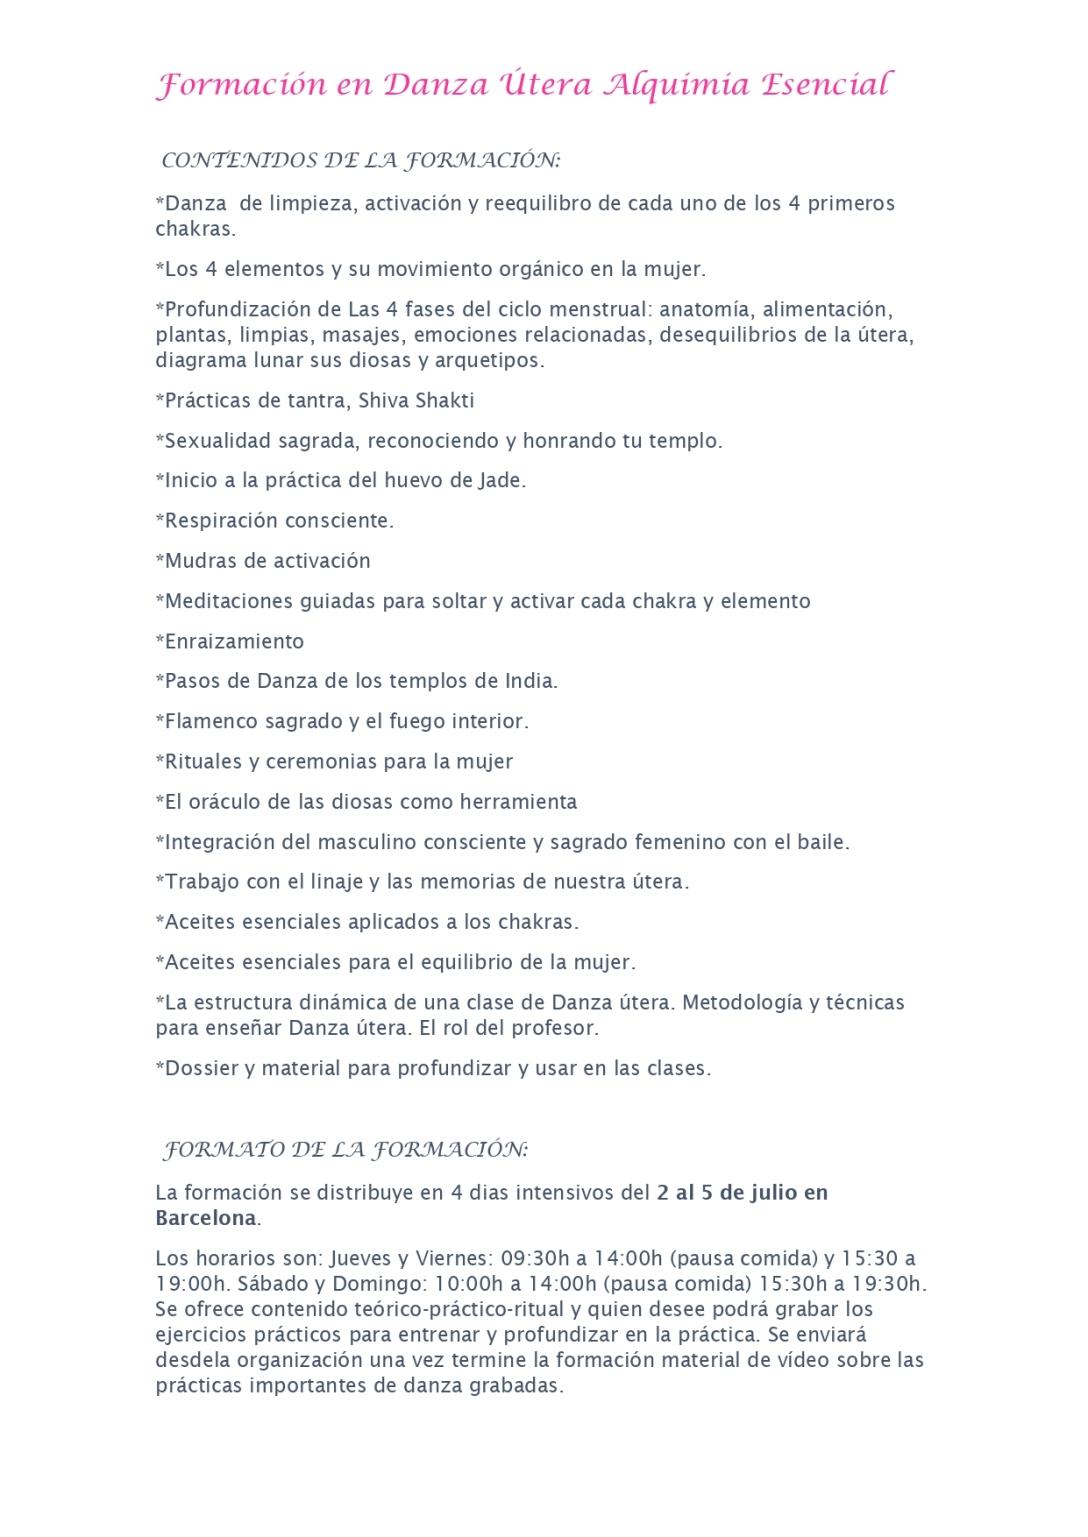 DANZA ÚTERA ALQUIMIA ESENCIAL 2020_page-0002